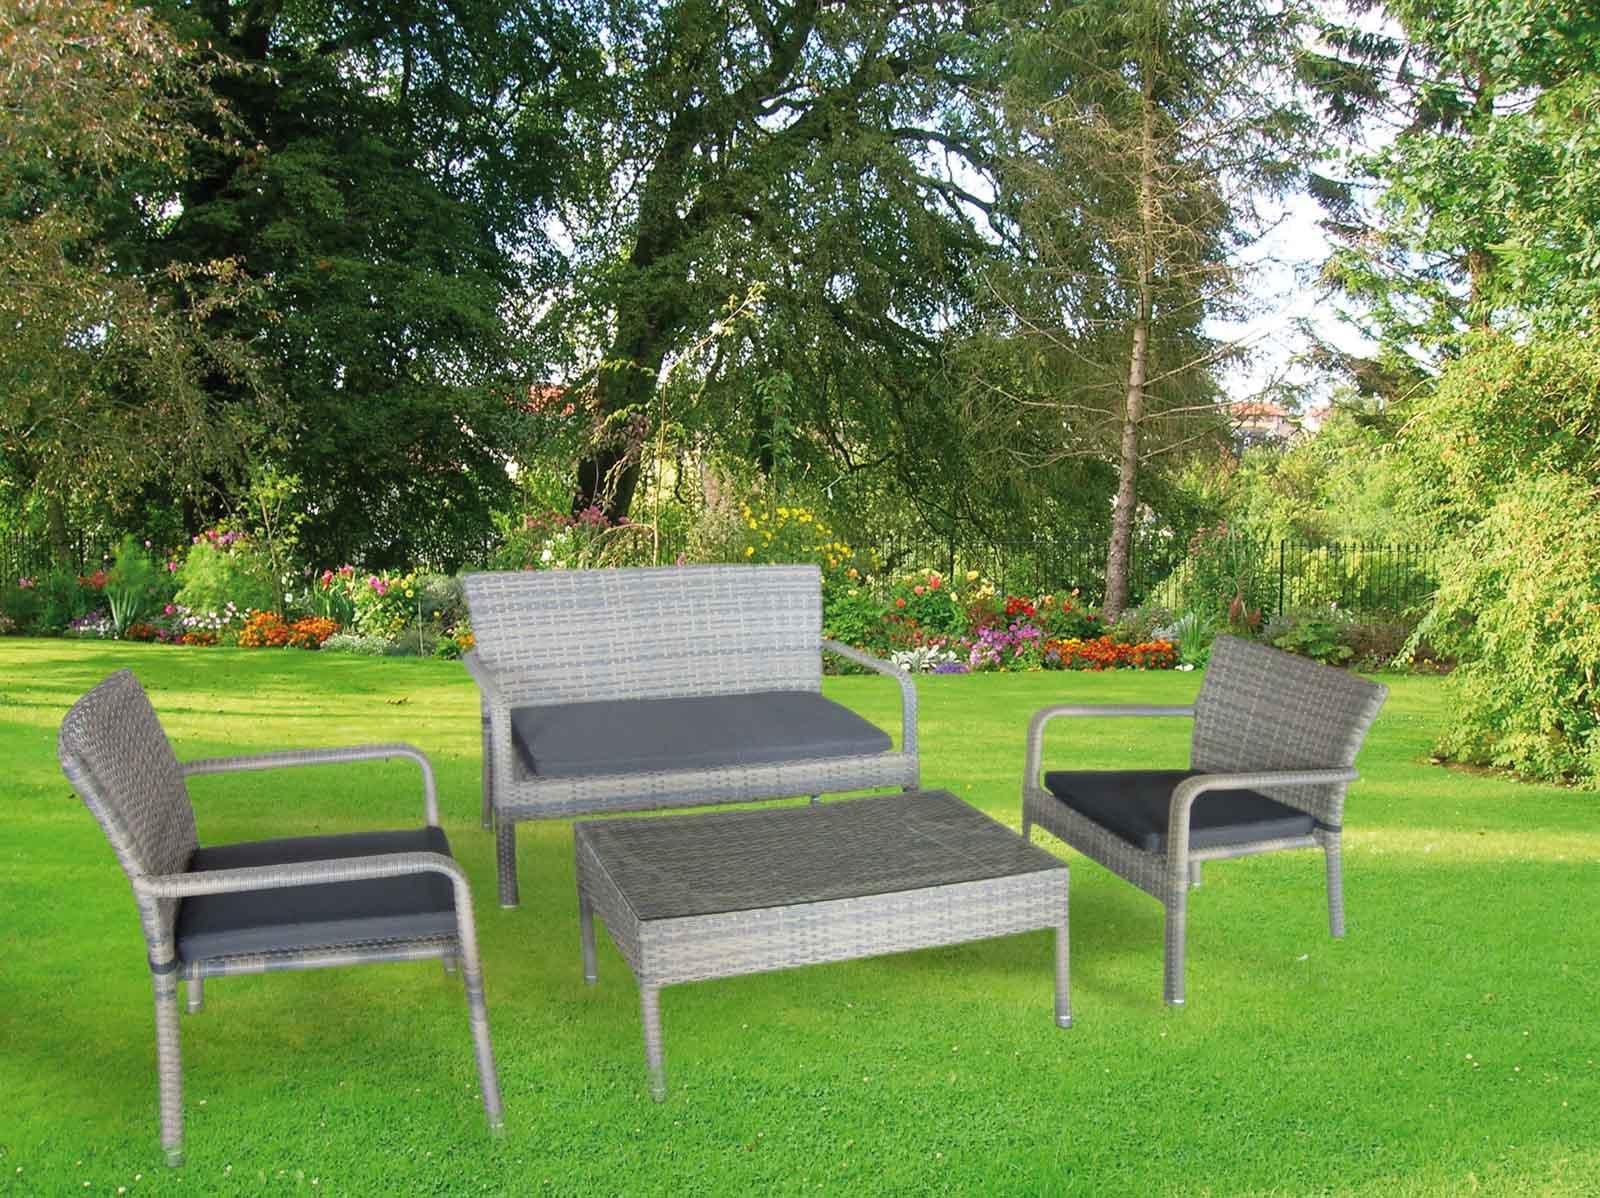 Vendita online set mobili da giardino for Arredo giardino economico vendita on line